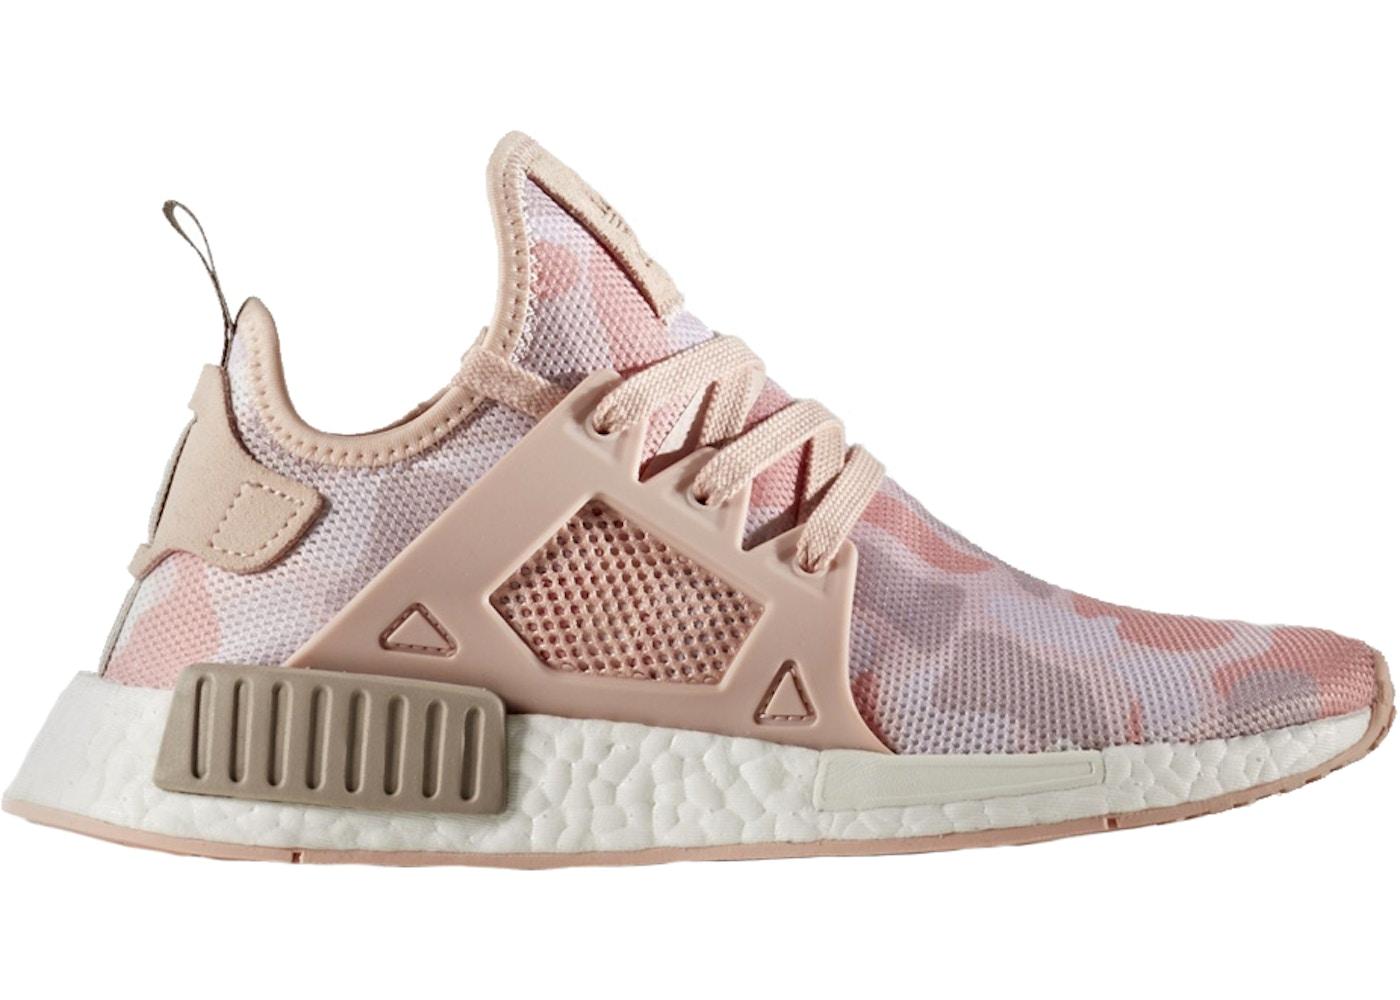 0c143de0 XR1 Shoes - Volatility